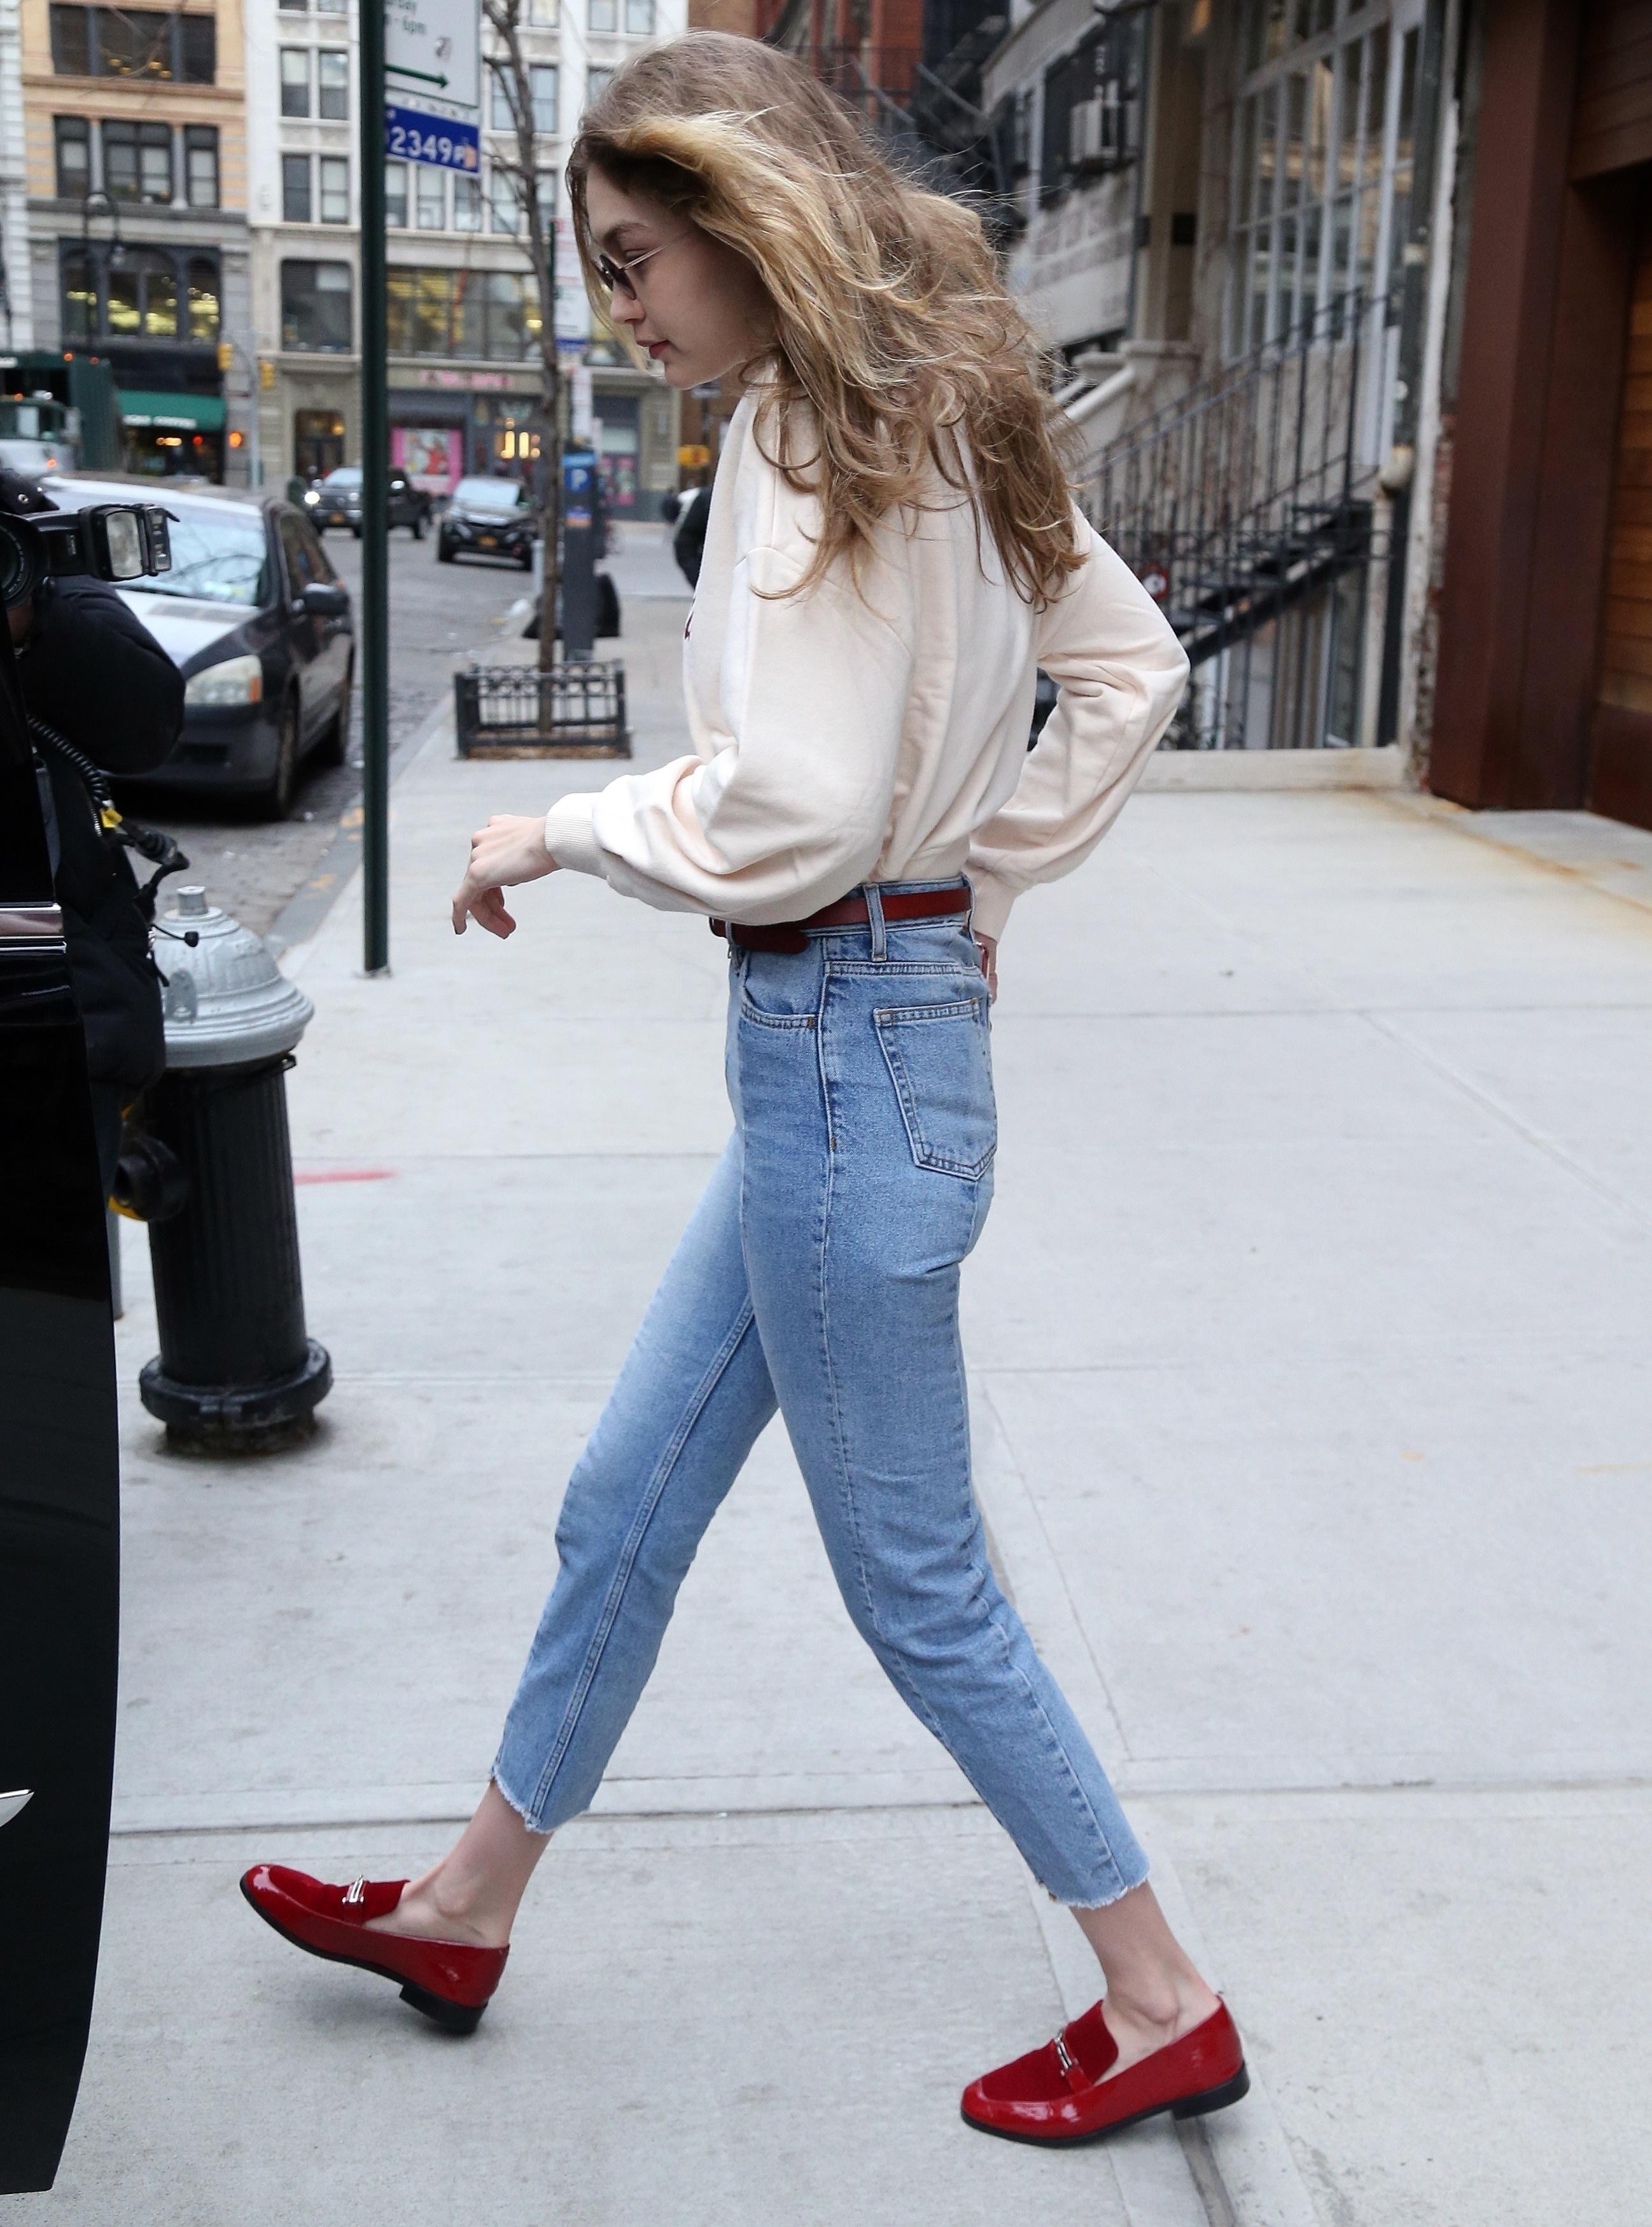 Fani atakują Gigi Hadid! Zdjęciem z Coachelli potwierdziła, że ma anoreksję!?